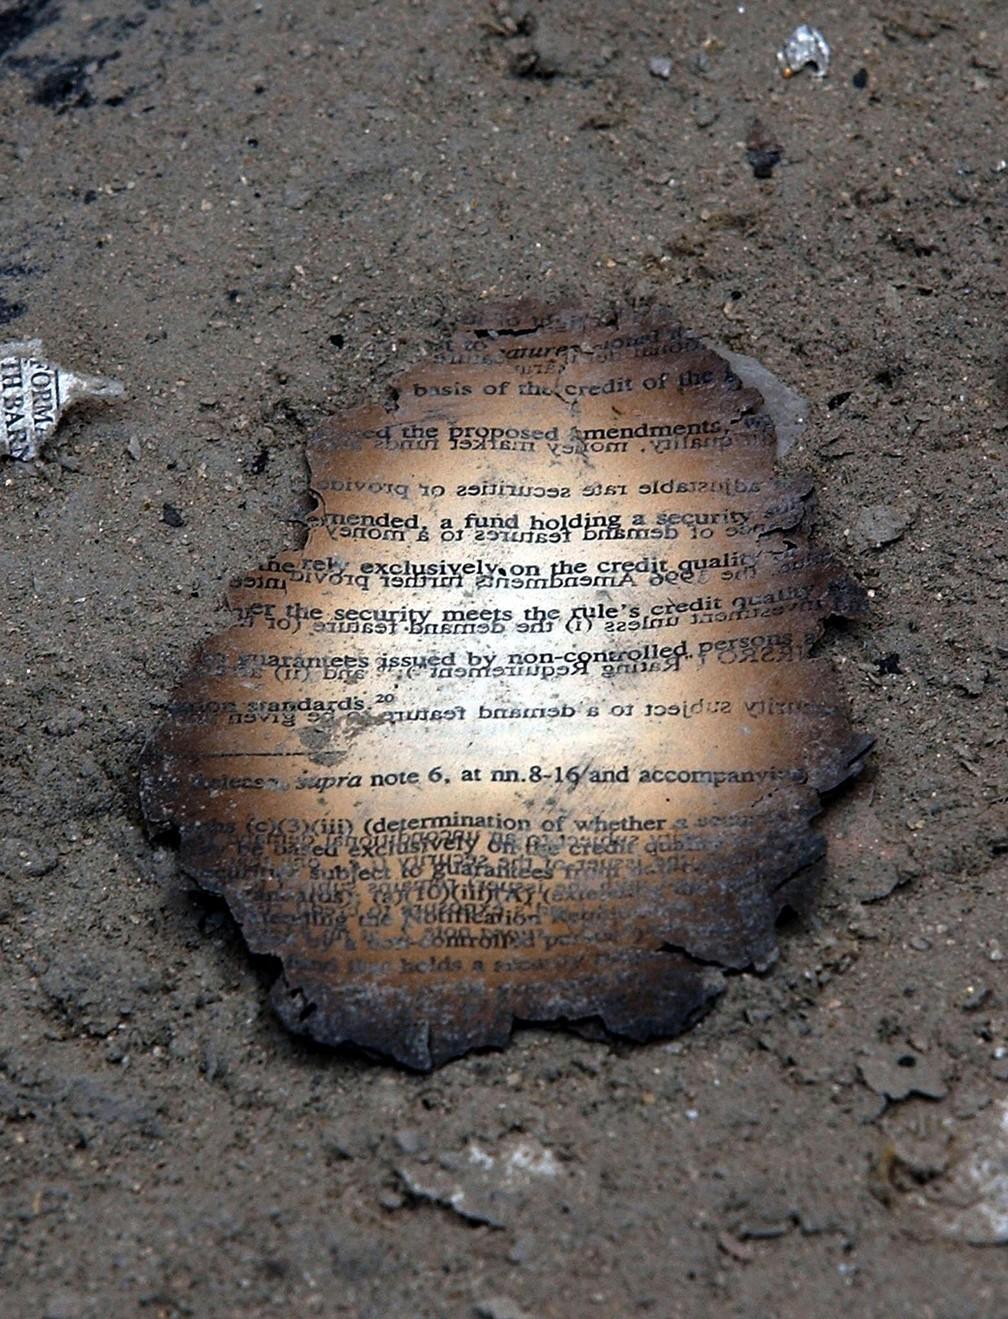 Resto da folha de um documento queimado é visto em meio ao pó que se acumulou nas ruas em área próxima ao World Trade Center, em Nova York, após o atentado terrorista do 11 de Setembro — Foto: Stan Honda/AFP/Arquivo